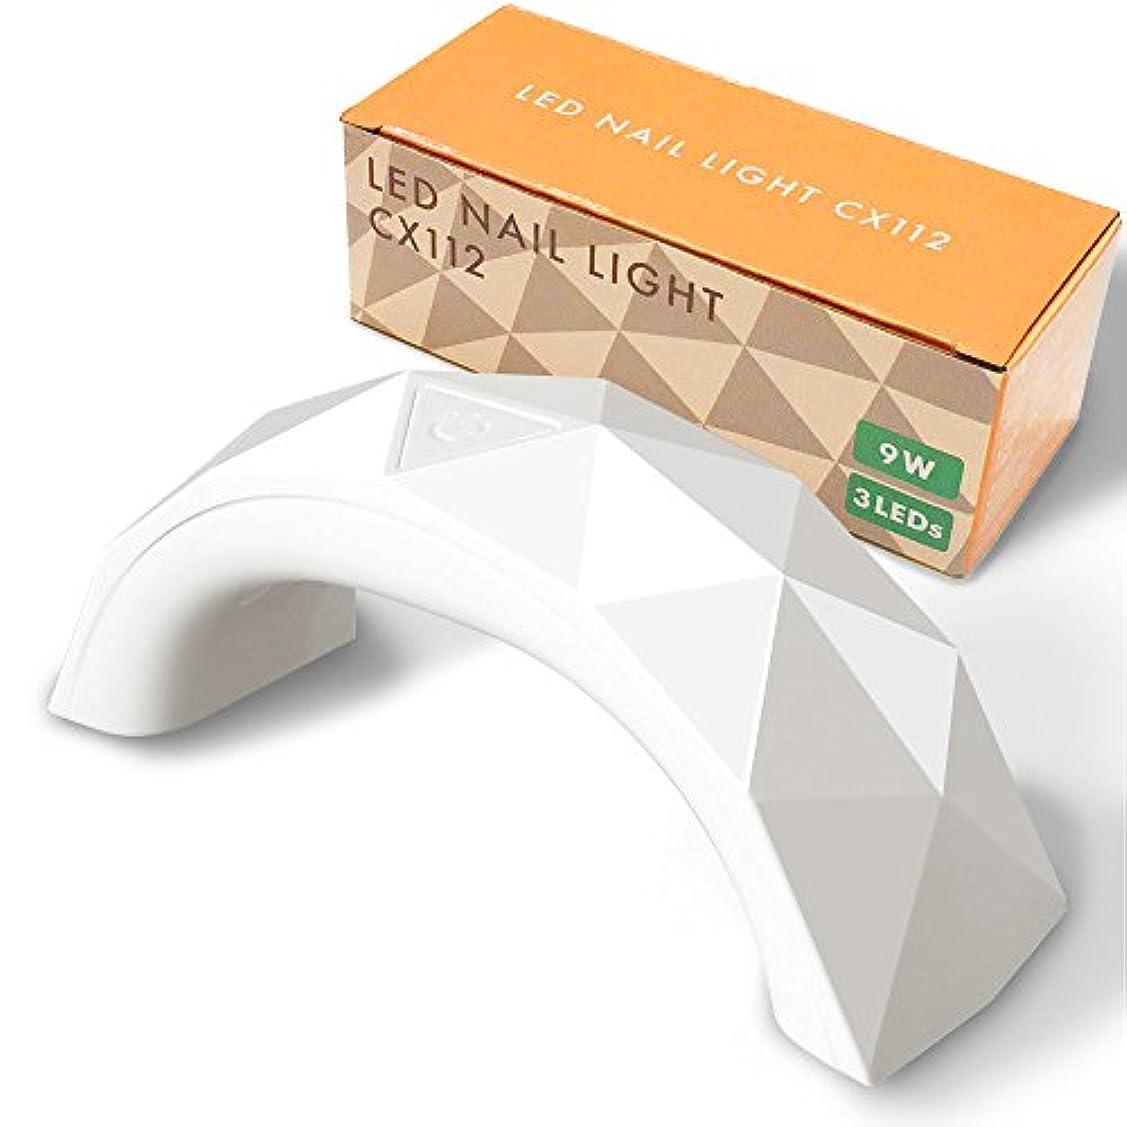 負担褐色科学的【Centrex】【CX112】ジェルネイル LEDライト 9W 硬化用ライト タイマー付き ハイパワーチップ式LED球 USB式 (ホワイト)